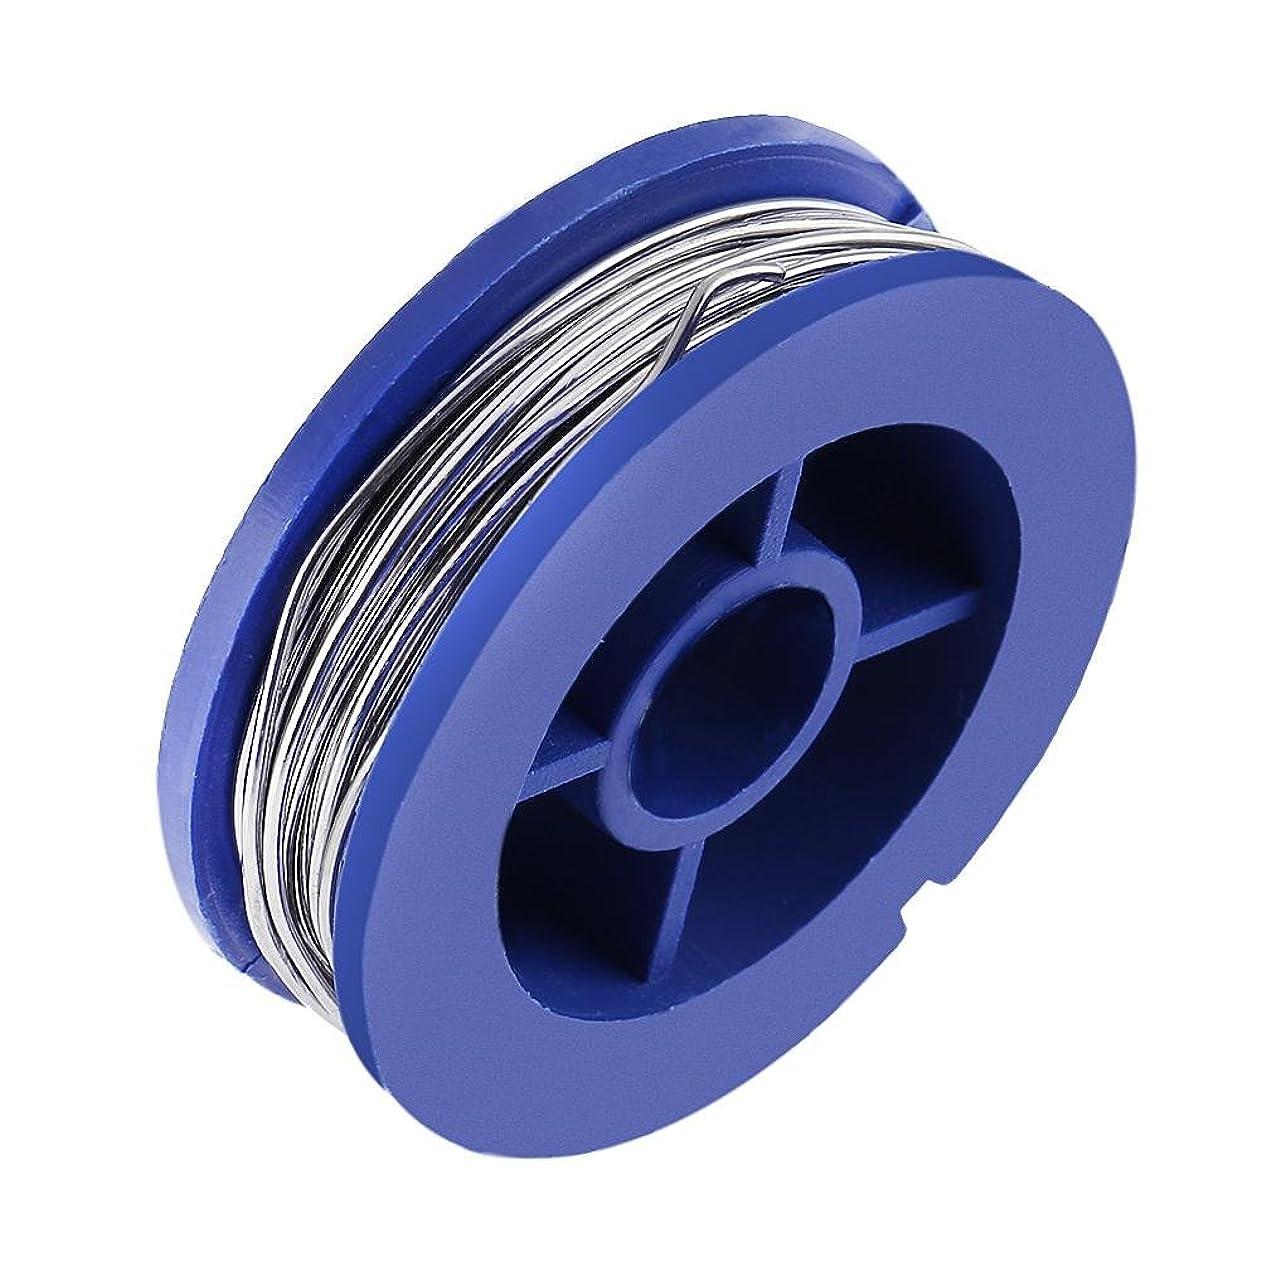 ライトニングうめき職業VIPECO 1ピース 0.8ミリメートル ミニ ピュア はんだ ワイヤー ノー クリーン フラックス 錫鉛 はんだ ワイヤー ロール